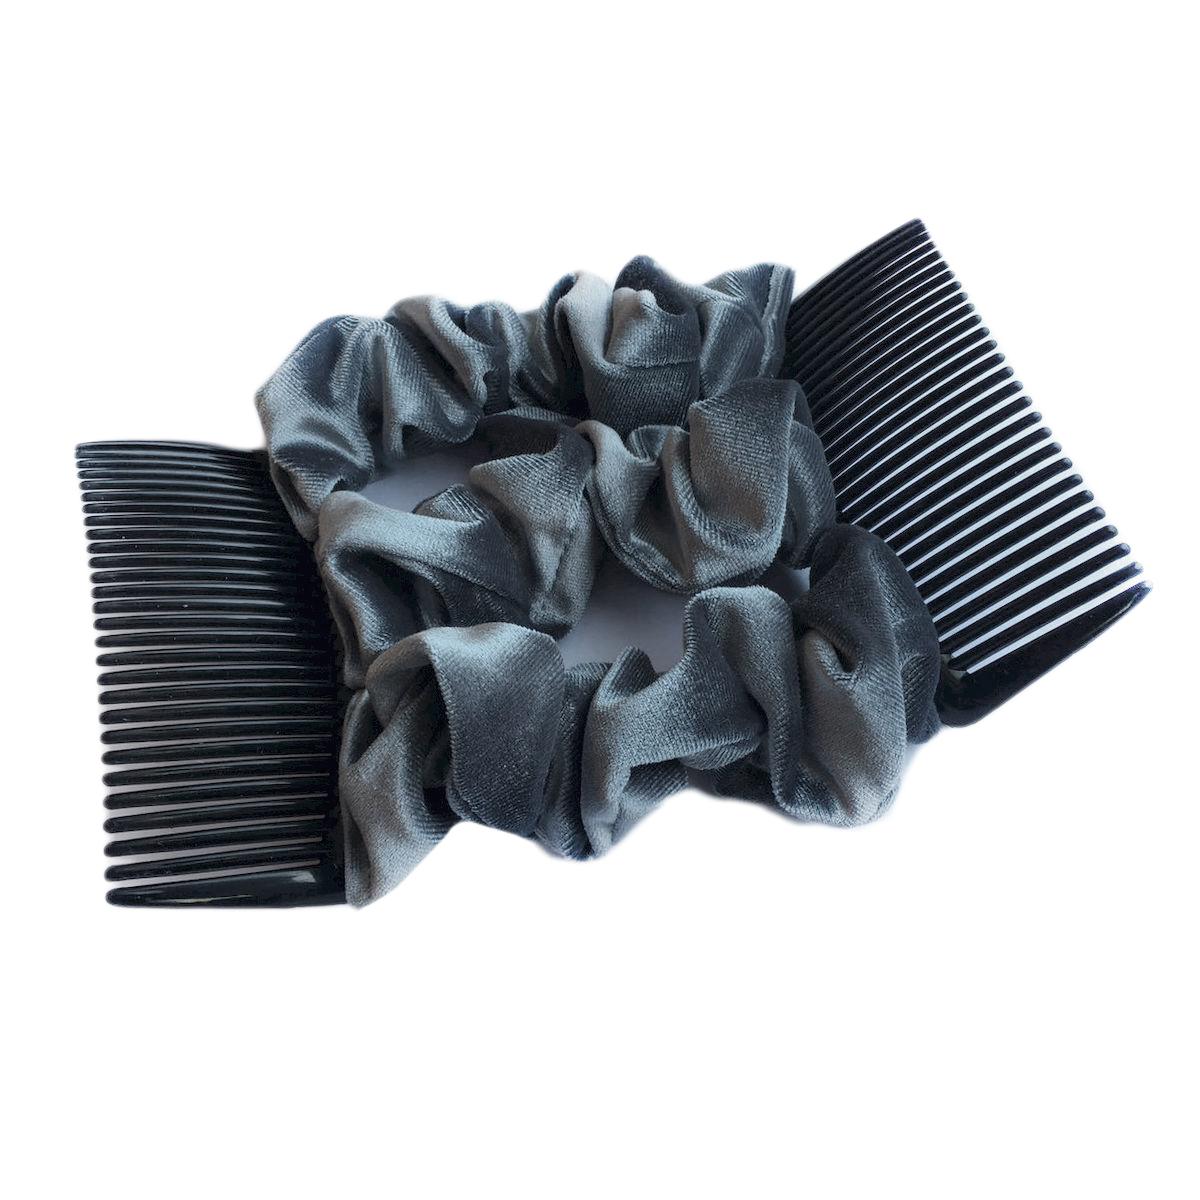 Montar Заколка Монтар, сераяMP59.4DУдобная и практичная MONTAR напоминает Изи Коум.Подходит для любого типа волос: тонких, жестких, вьющихся или прямых, и не наносит им никакого вреда. Заколка не мешает движениям головы и не создает дискомфорта, когда вы отдыхаете или управляете автомобилем.Каждый гребень имеет по 20 зубьев для надежной фиксации заколки на волосах! И даже во время бега и интенсивных тренировок в спортзале Изи Коум не падает; она прочно фиксирует прическу, сохраняя укладку в первозданном виде.Небольшая и легкая заколка поместится в любой дамской сумочке, позволяя быстро и без особых усилий создавать неповторимые прически там, где вам это удобно. Гребень прекрасно сочетается с любой одеждой: будь это классический или спортивный стиль, завершая гармоничный облик современной леди. И неважно, какой образ жизни вы ведете, если у вас есть MONTAR, вы всегда будете выглядеть потрясающе.Применение:1) Вставьте один из гребней под прическу вогнутой стороной к поверхности головы.2) Поместите пальцы рук в заколку, чтобы придержать волосы, и закрепите первый гребень.3) Второй гребень оберните поверх прически и вставьте с другой стороны вогнутой поверхностью к голове и закрепите его.